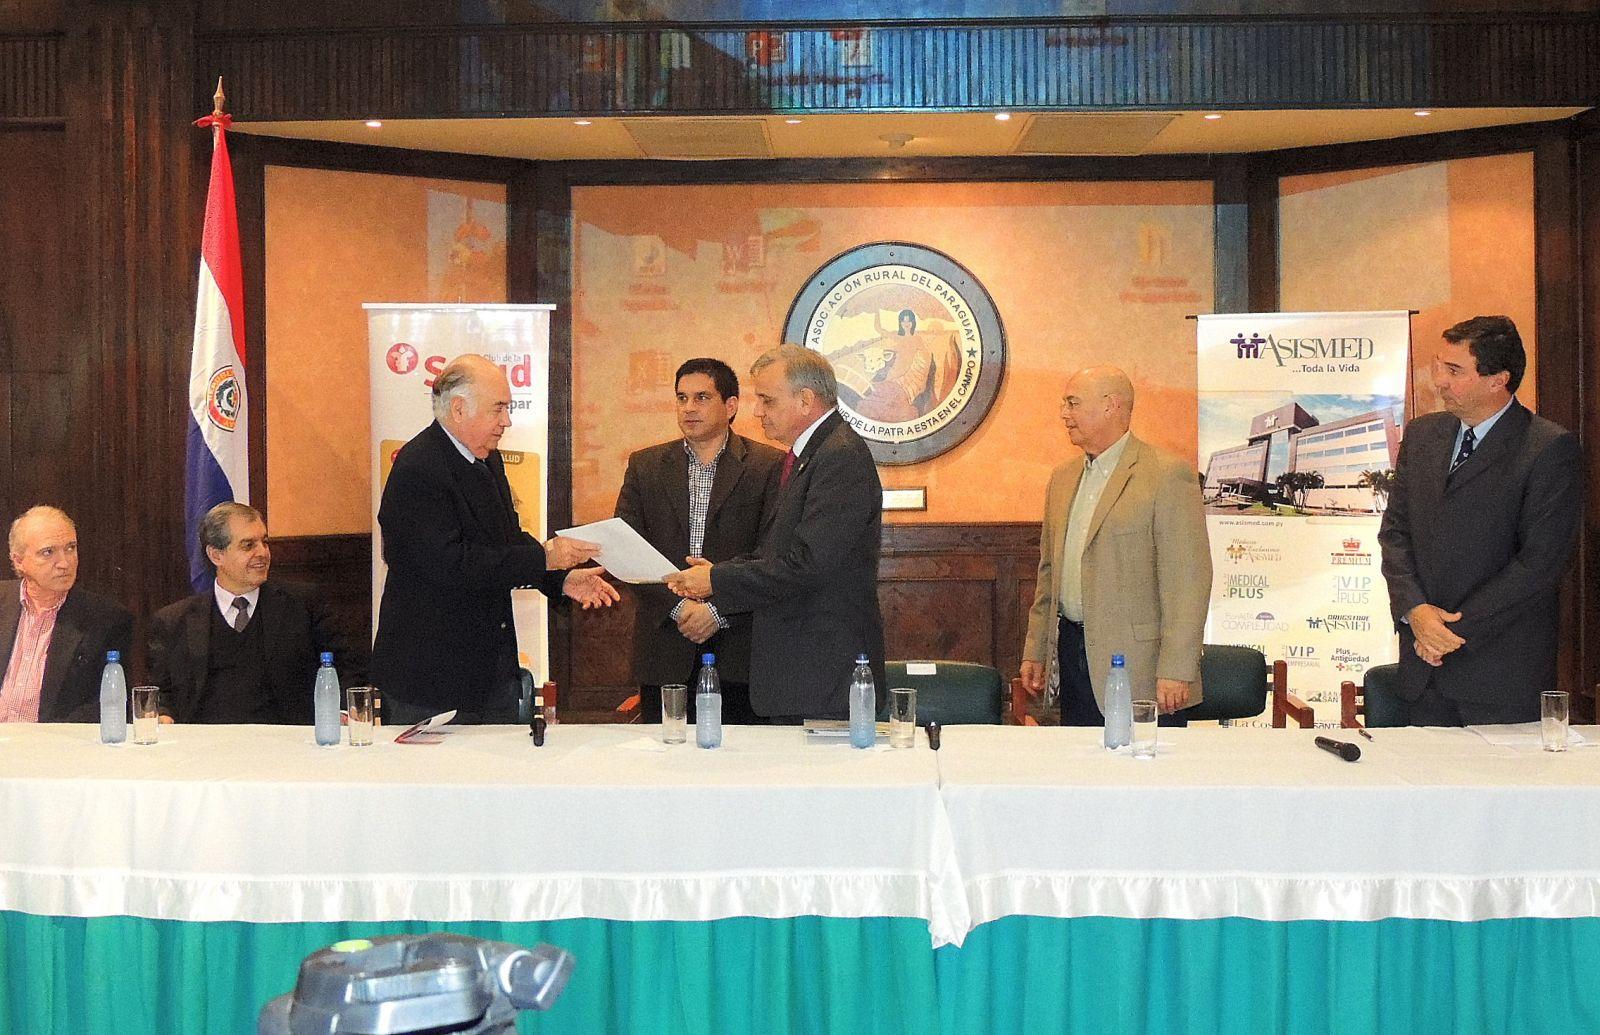 ARP acuerda cobertura médica para sus socios con la empresa ASISMED S.A.